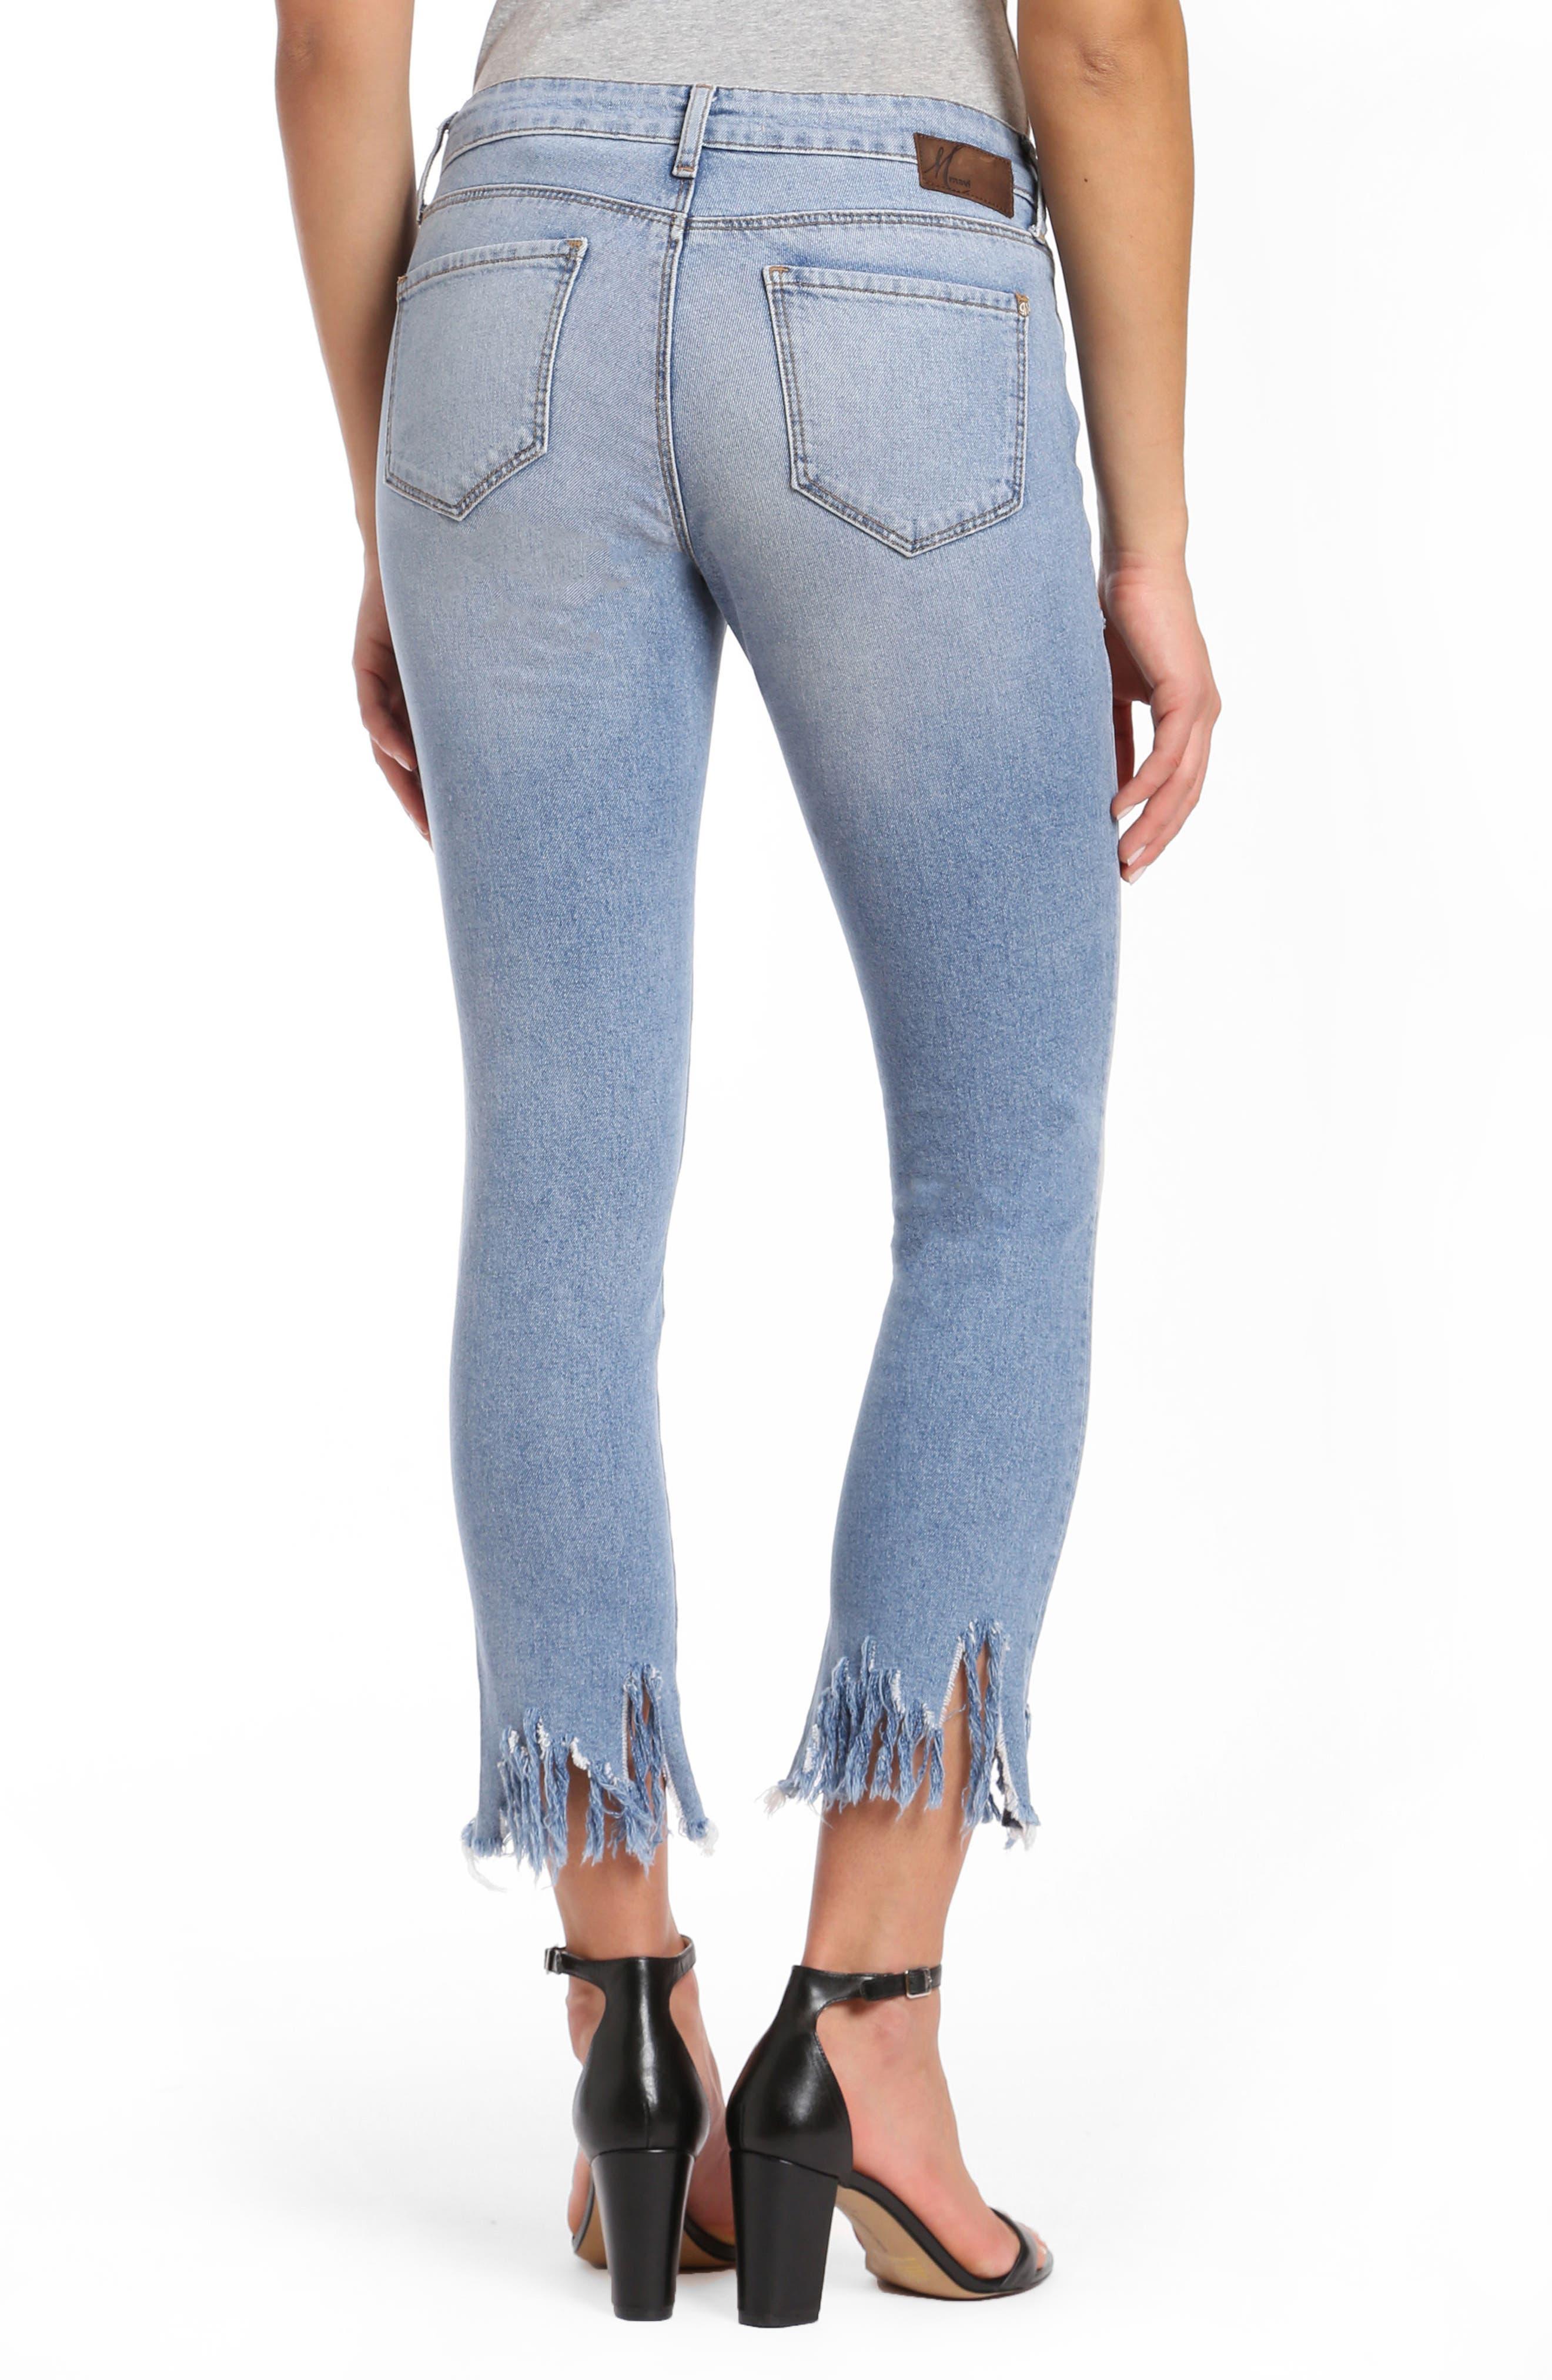 Adriana Sharkbite Fringe Super Skinny Jeans,                             Alternate thumbnail 2, color,                             Light Fringe 90S